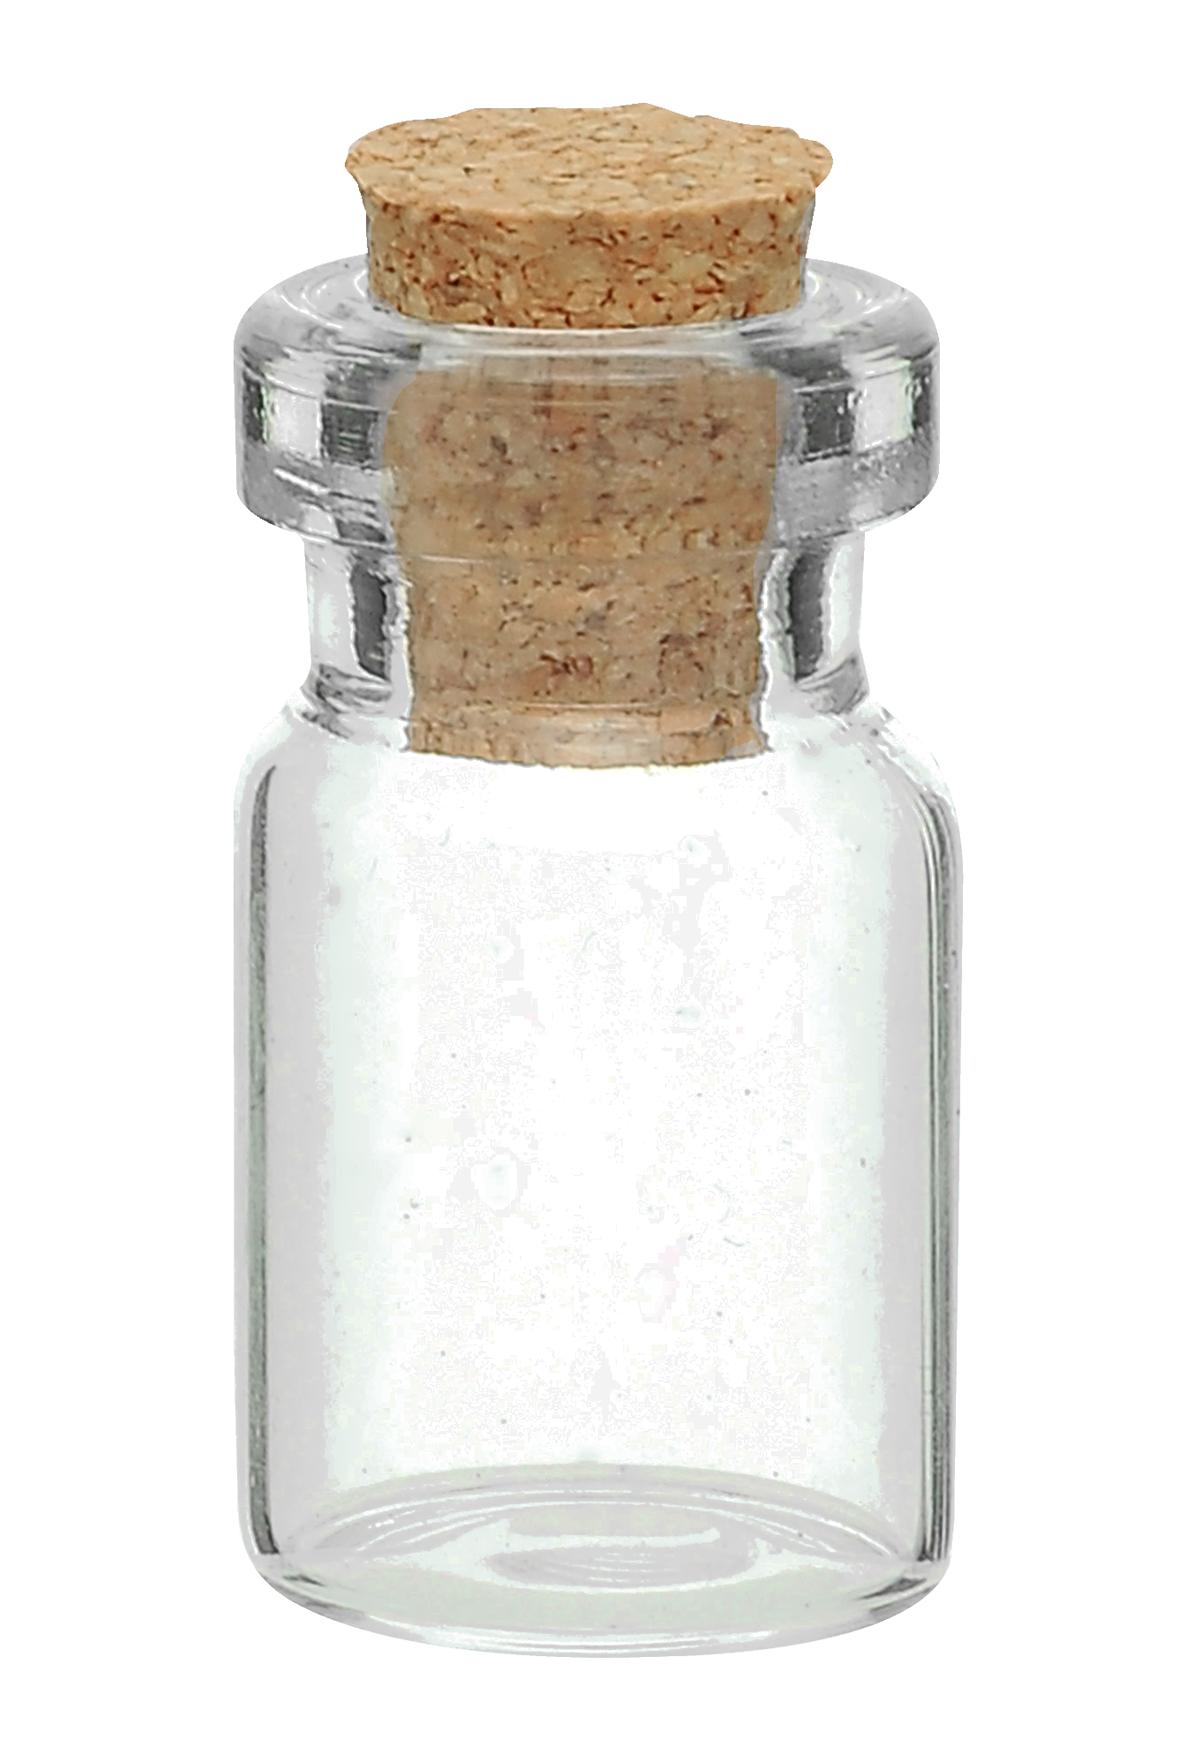 Glass Jar Bottle Png Image Glass Jars Jar Image Jar